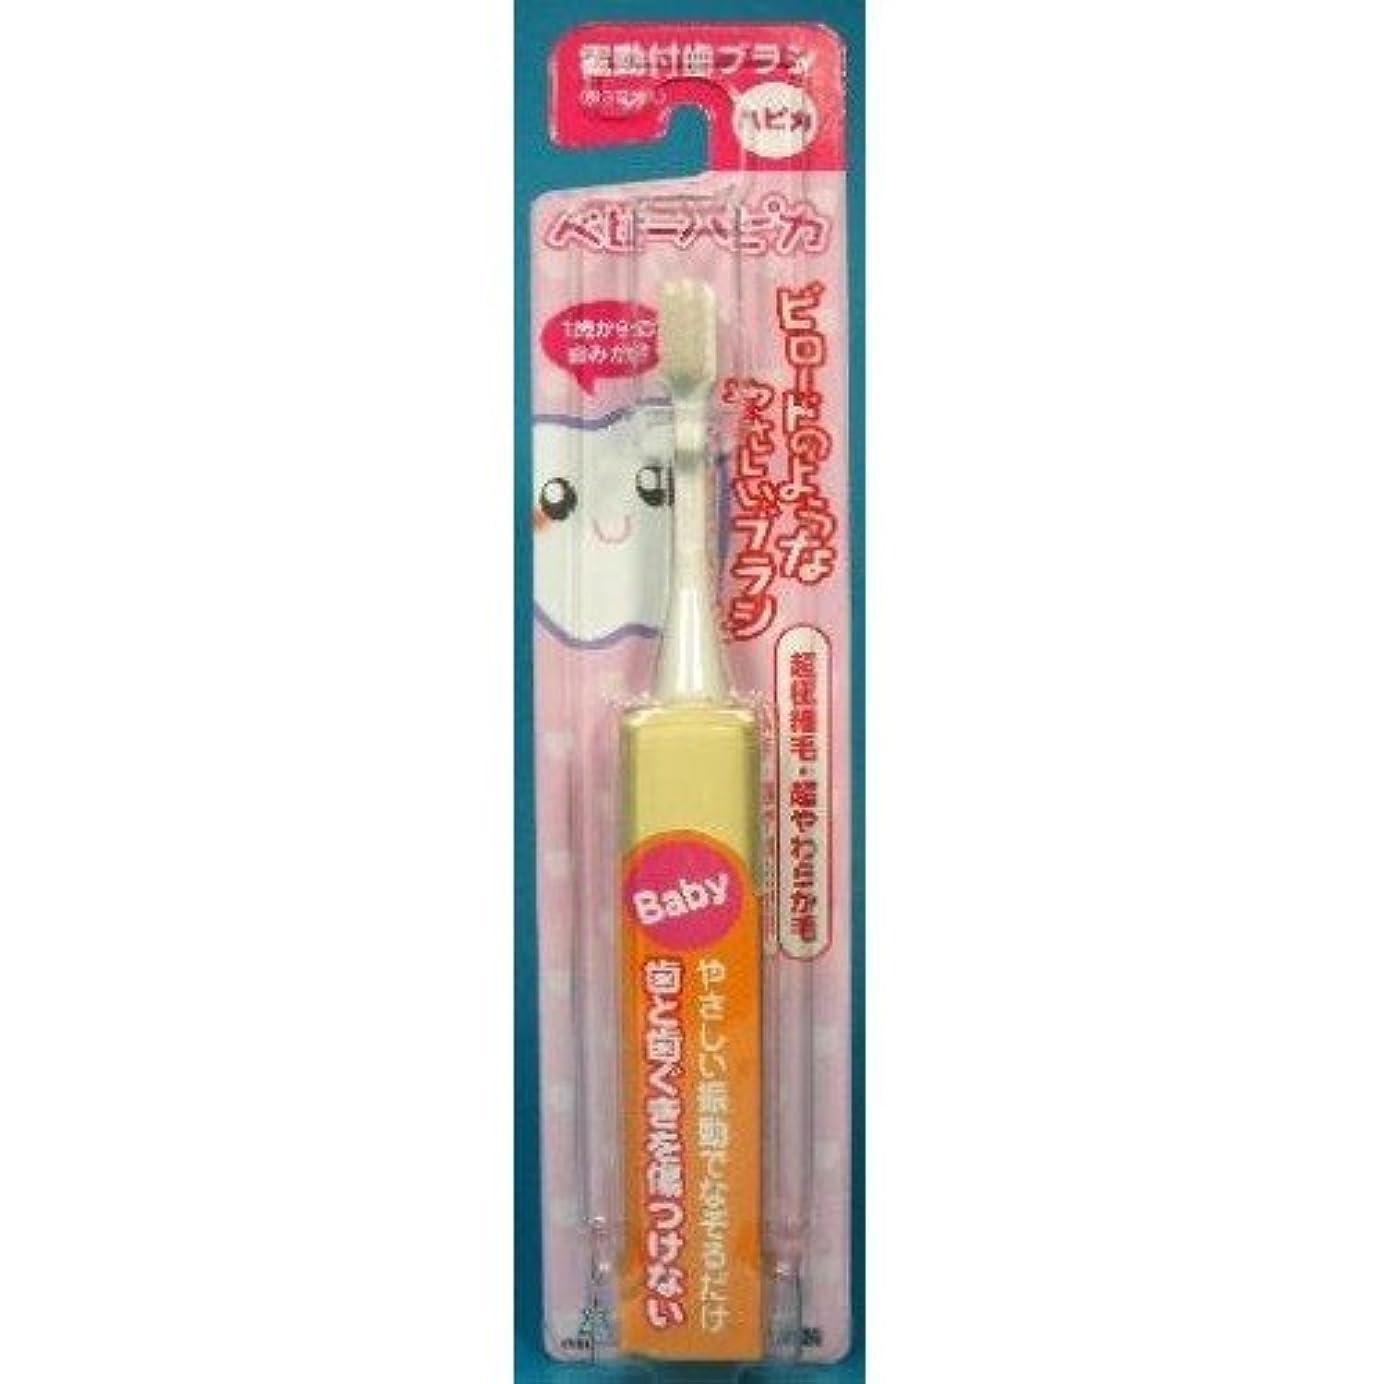 ピービッシュ浴鋼ミニマム 電動付歯ブラシ ベビーハピカ イエロー 毛の硬さ:超やわらかめ DBB-1Y(BP)